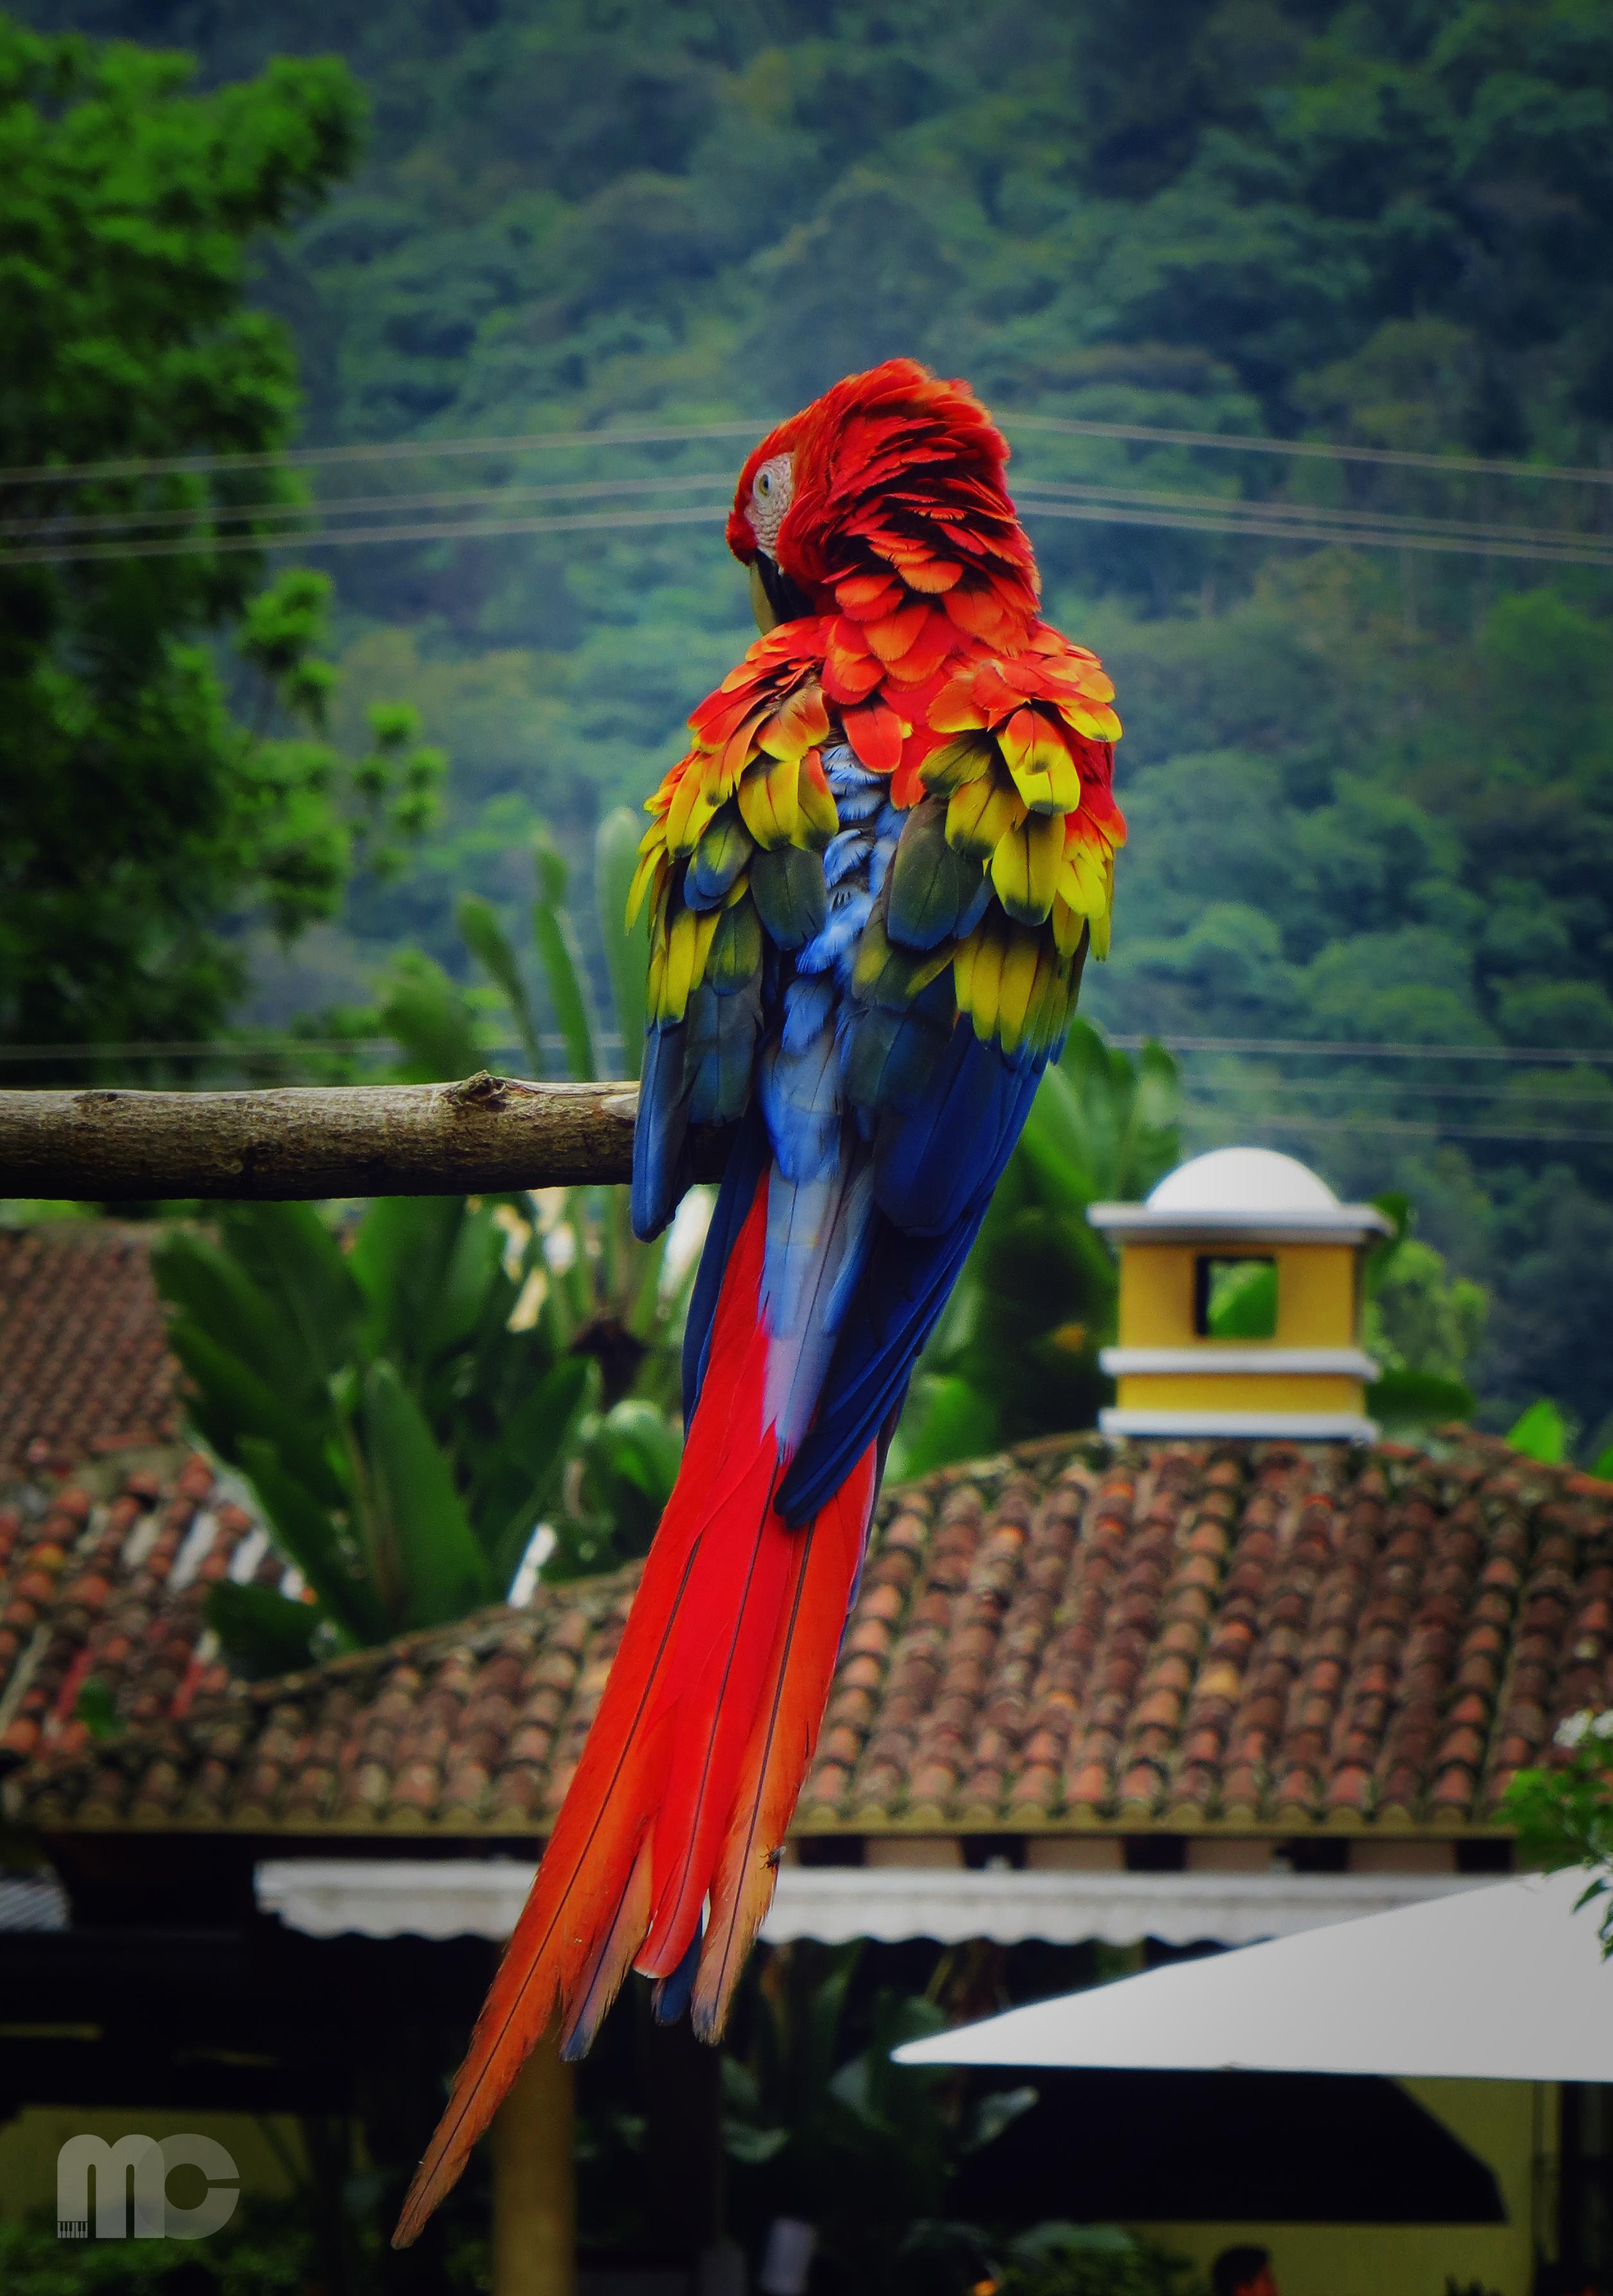 157196 Заставки и Обои Попугаи на телефон. Скачать Животные, Попугаи, Перья, Птица, Окрас, Ара картинки бесплатно